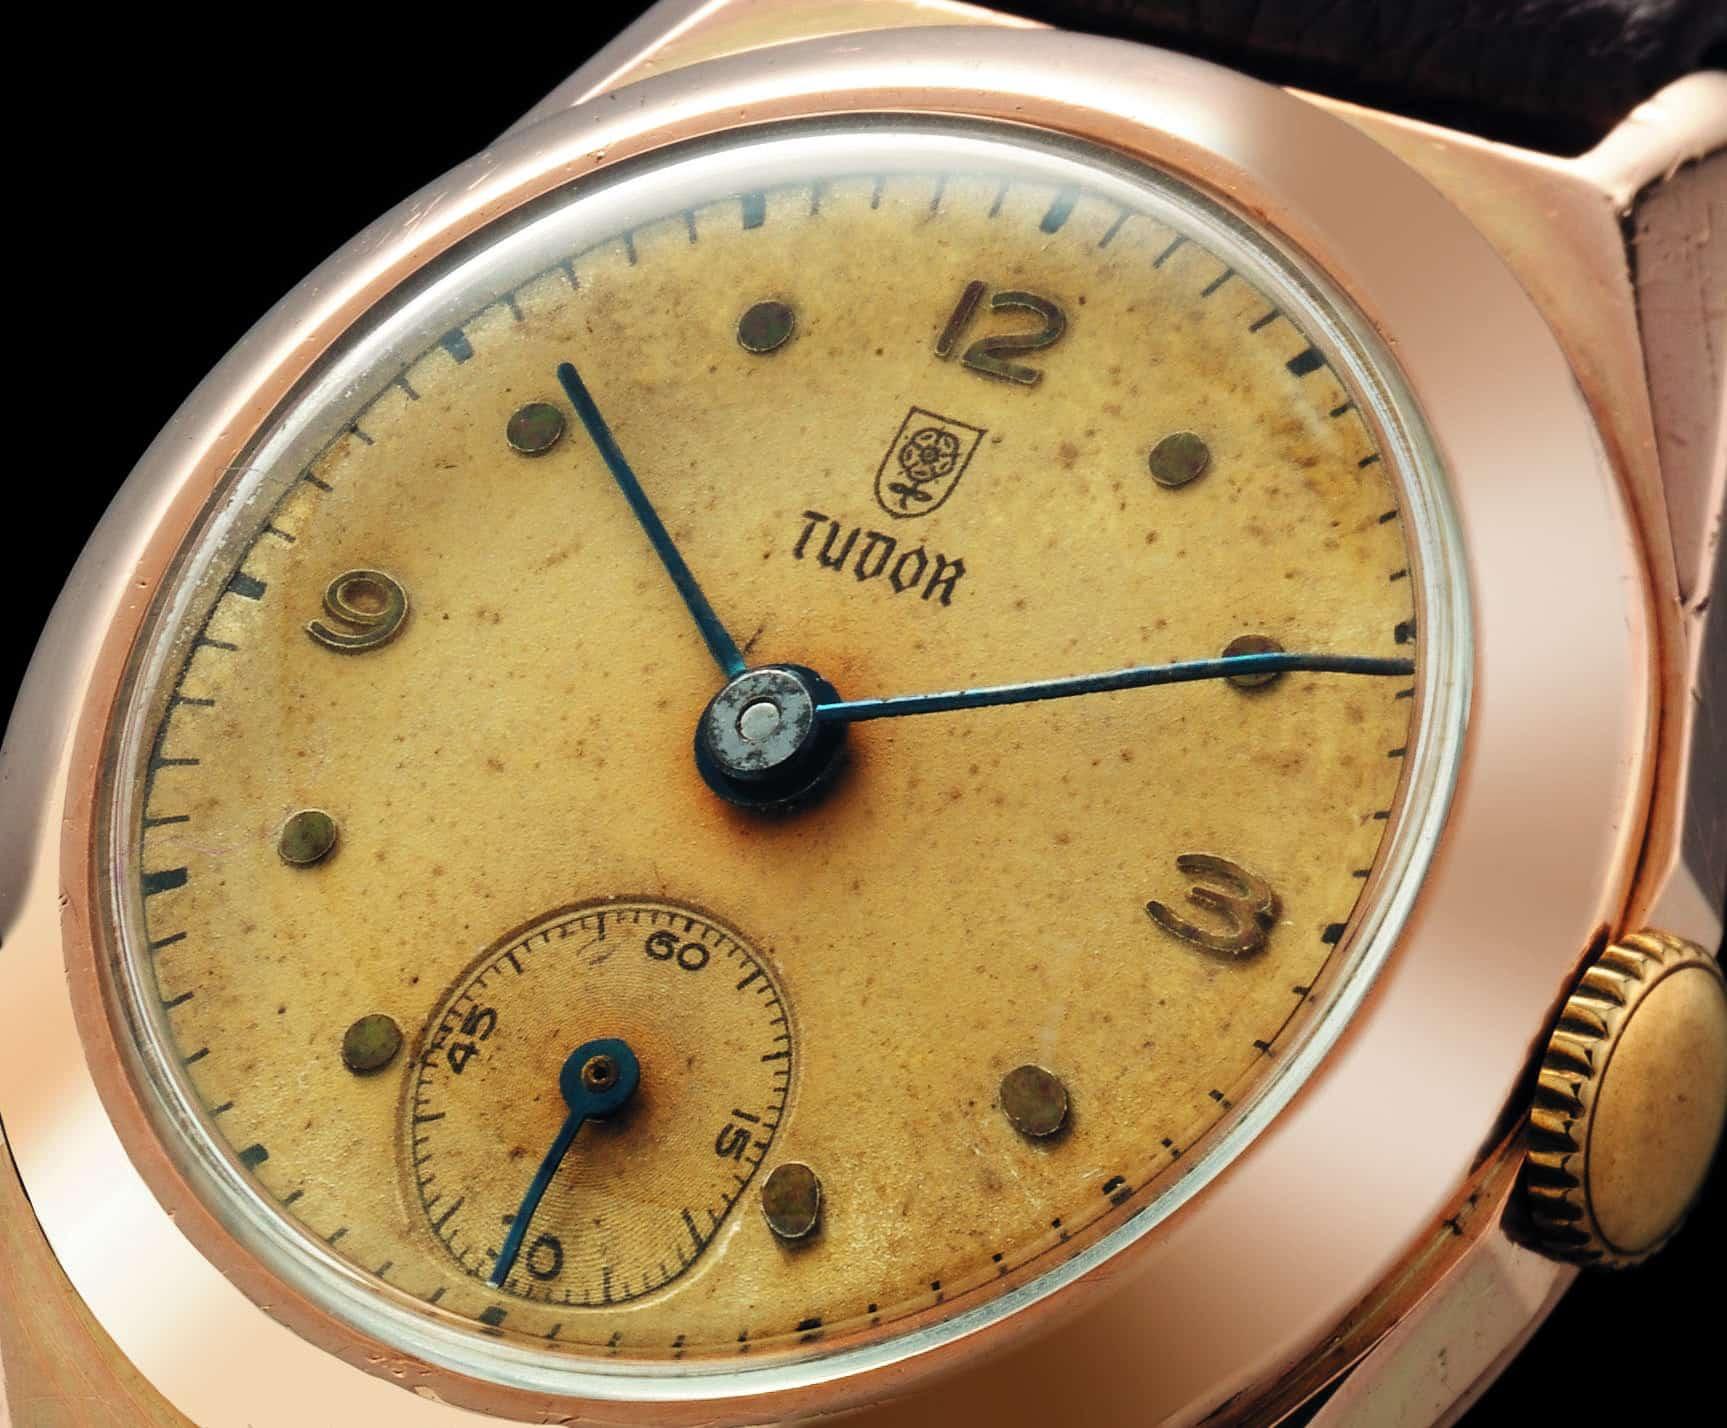 Hans Wilsdorf und der Erwerb der Marke Tudor Marke Tudor: Deshalb kämpfte der Rolex Gründer um die Markenrechte